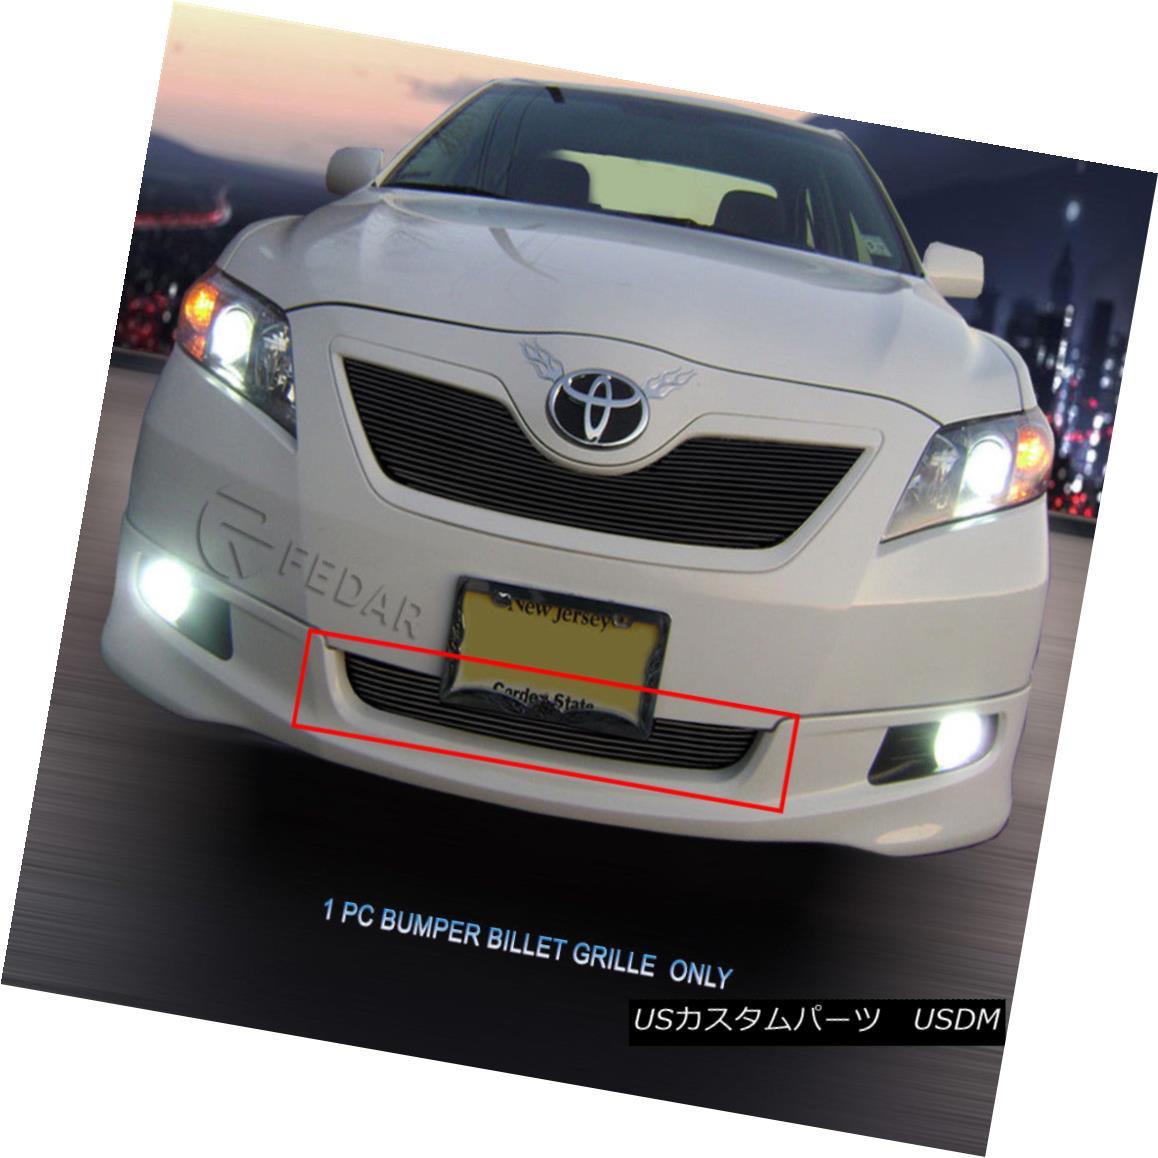 グリル 07-09 Toyota Camry Black Billet Grille Grill Bumper Insert Fedar 07-09トヨタカムリブラックビレットグリルグリルバンパーインサートFedar